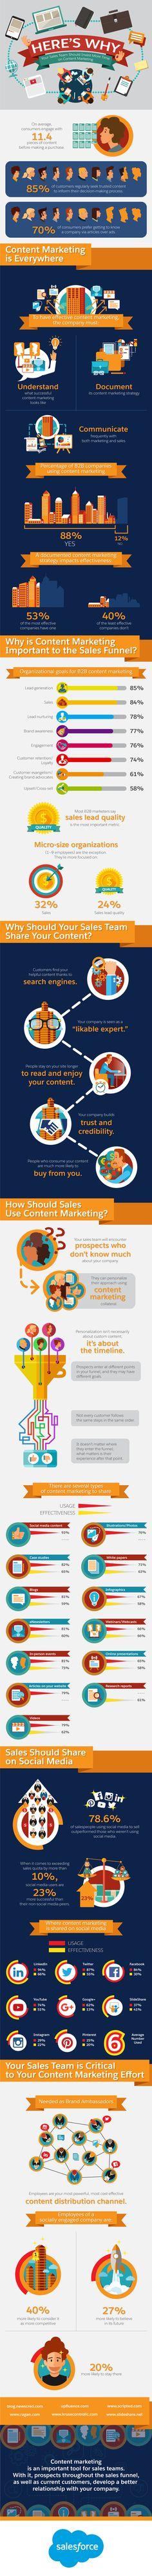 Comment le Content Marketing amène-t-il des leads ?